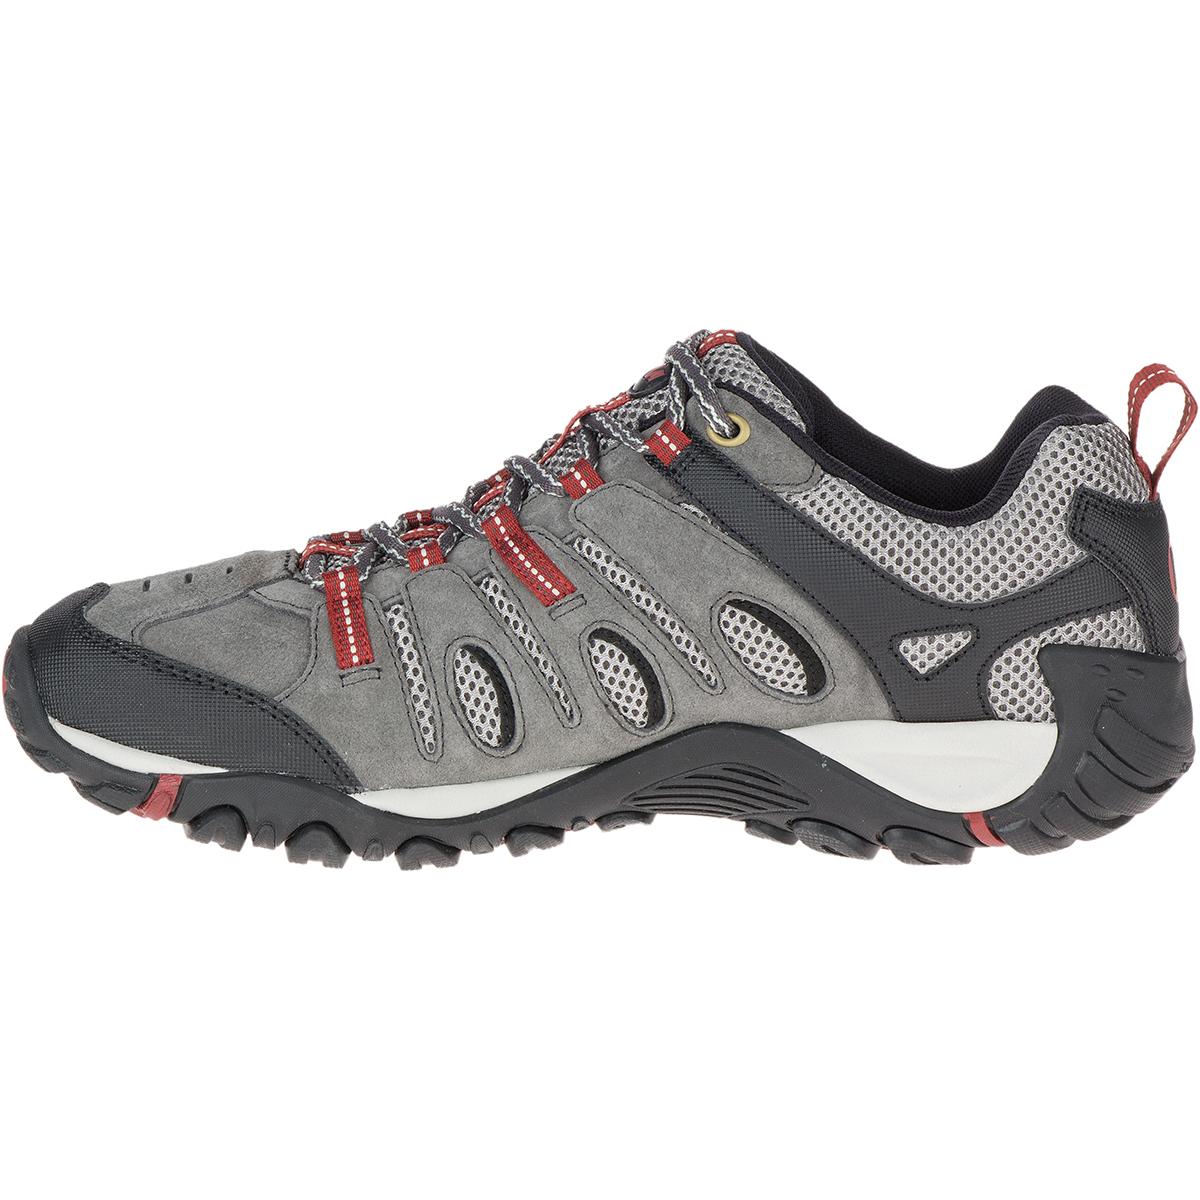 Crosslander Vent Low Hiking Shoes